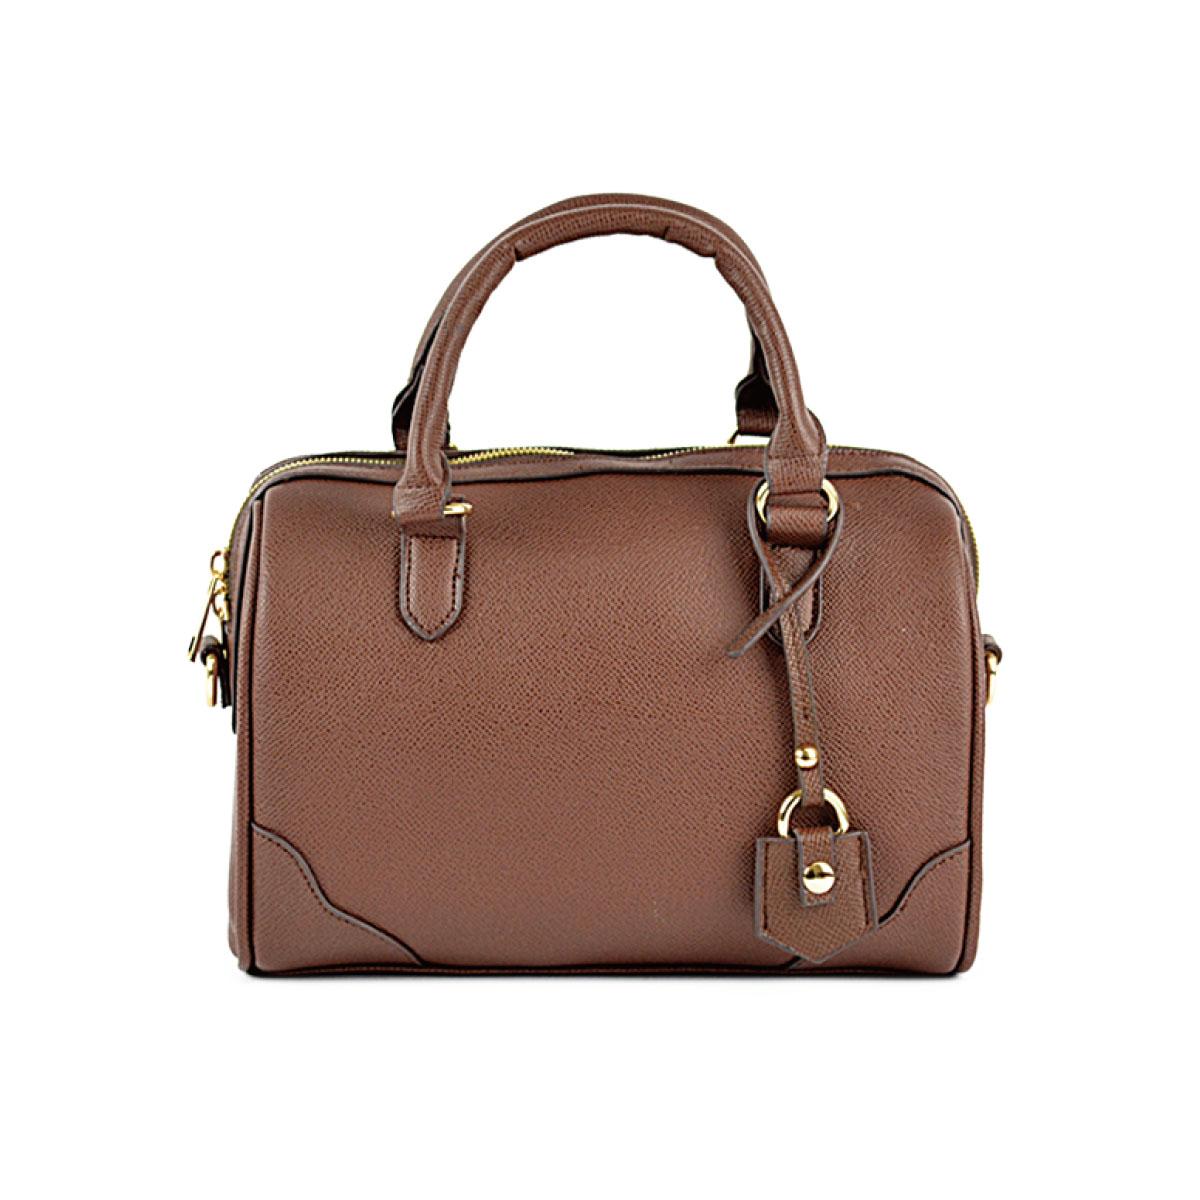 【予約販売】(9月中旬納品)チャーム付 2WAY ミニボストンバッグ [コラール] / レディース バッグ